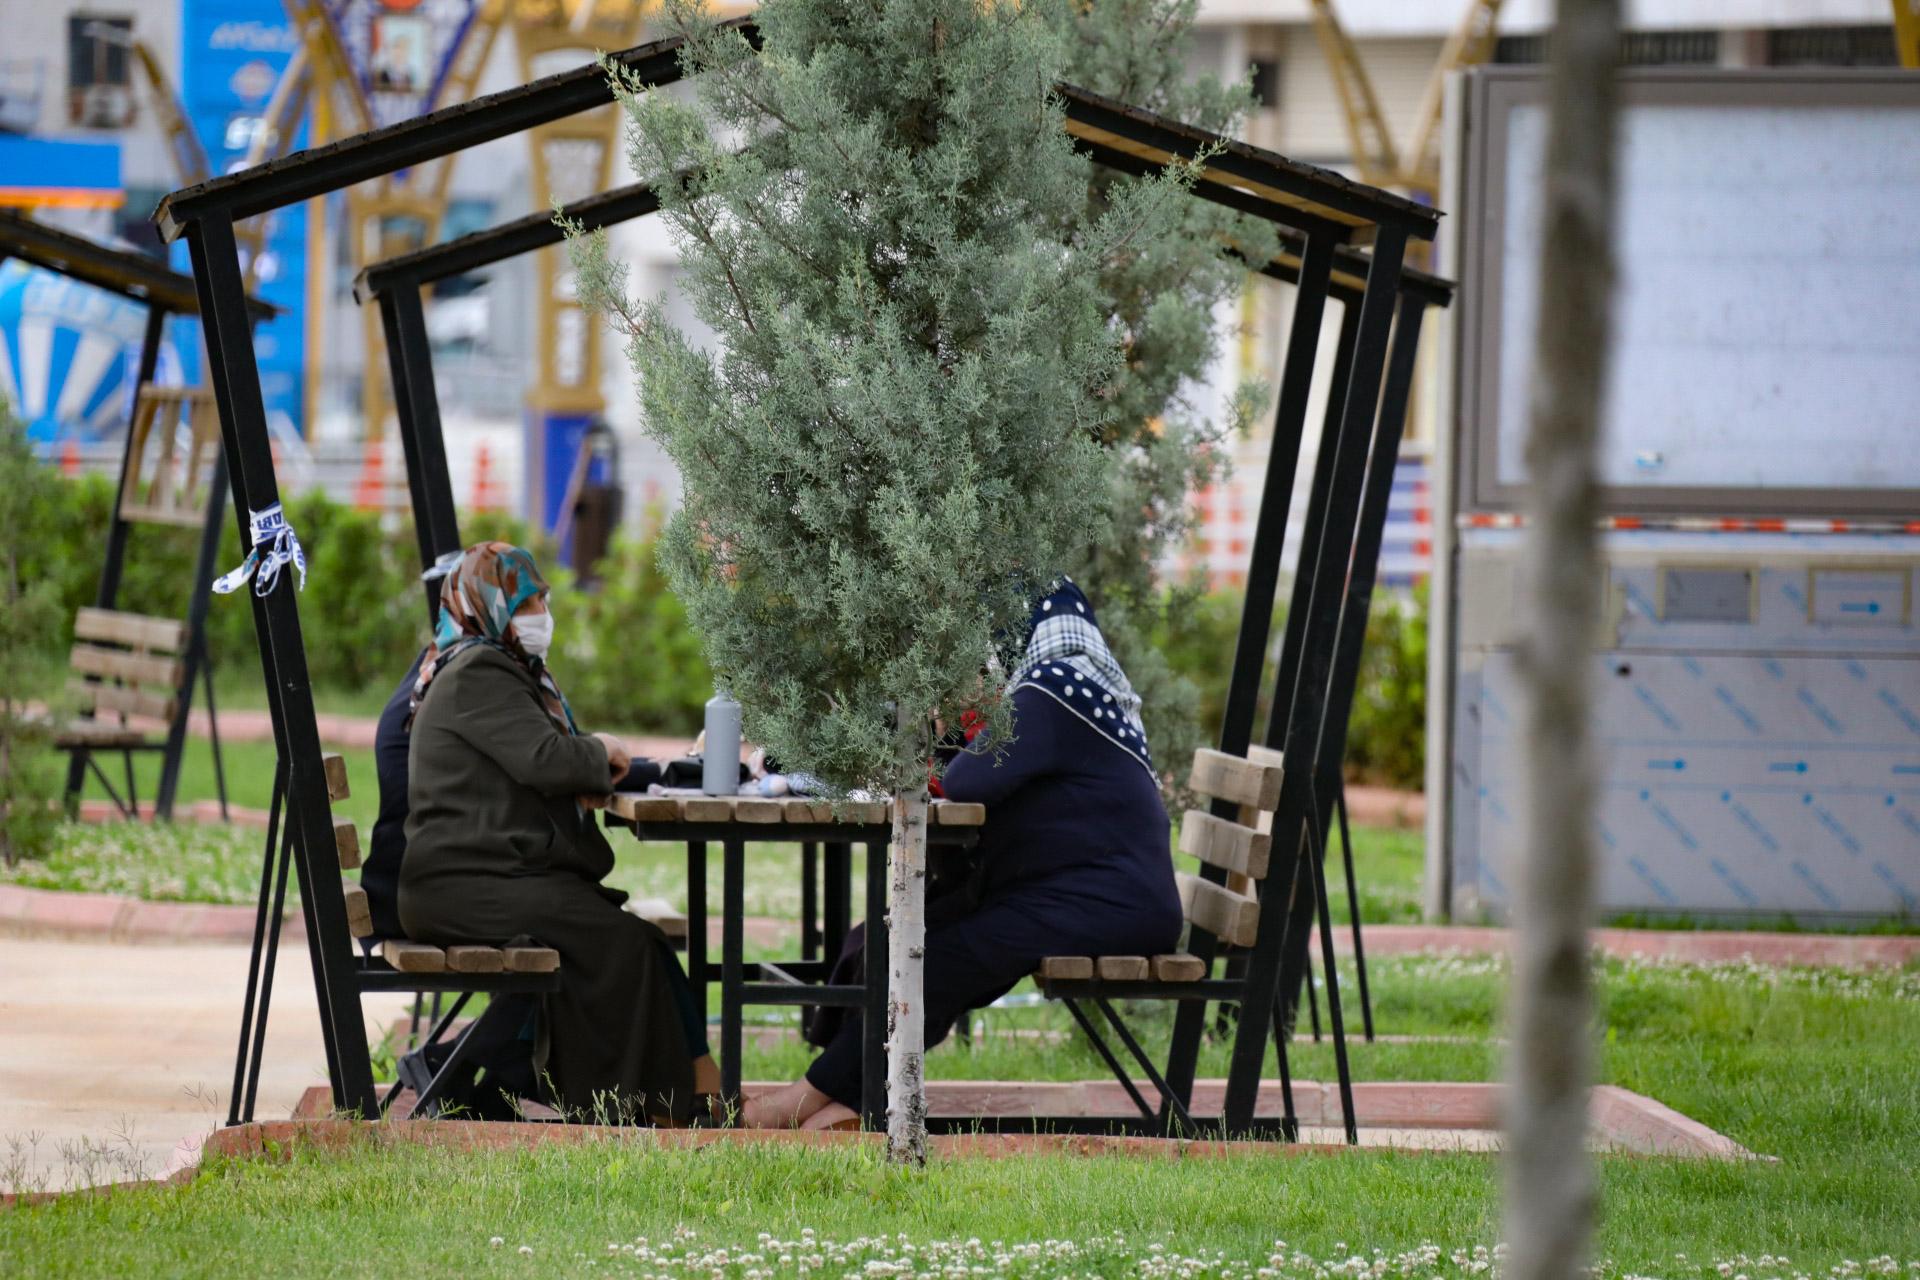 Mardin'de 65 yaş üstü vatandaşlar parklarda güzel havanın tadını çıkardı